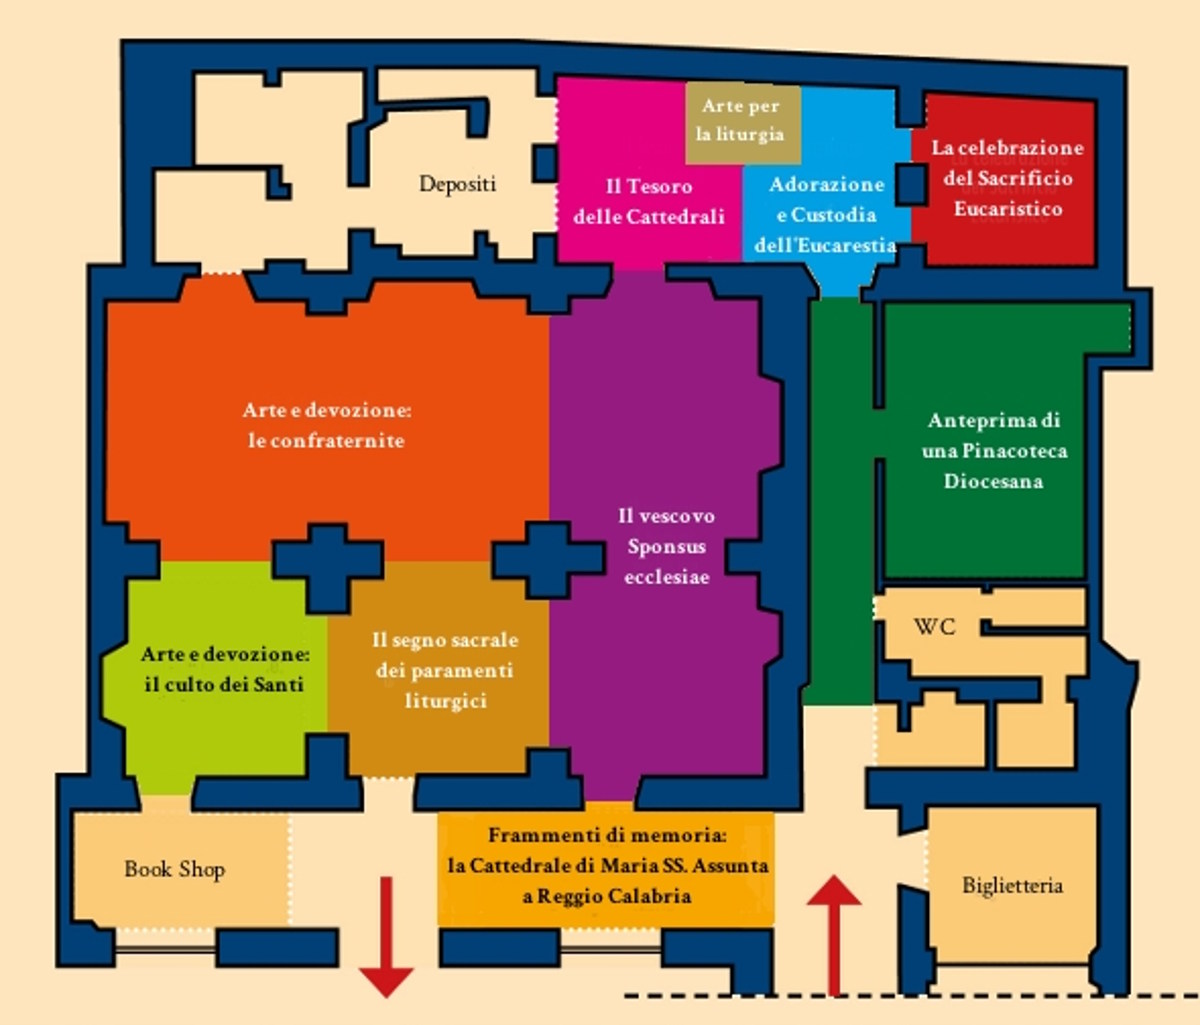 Piant-Mappa del- Museo-Diocesano-Monsignor-Aurelio-Sorrentino-cosa-vedere-a-Reggio-Calabria